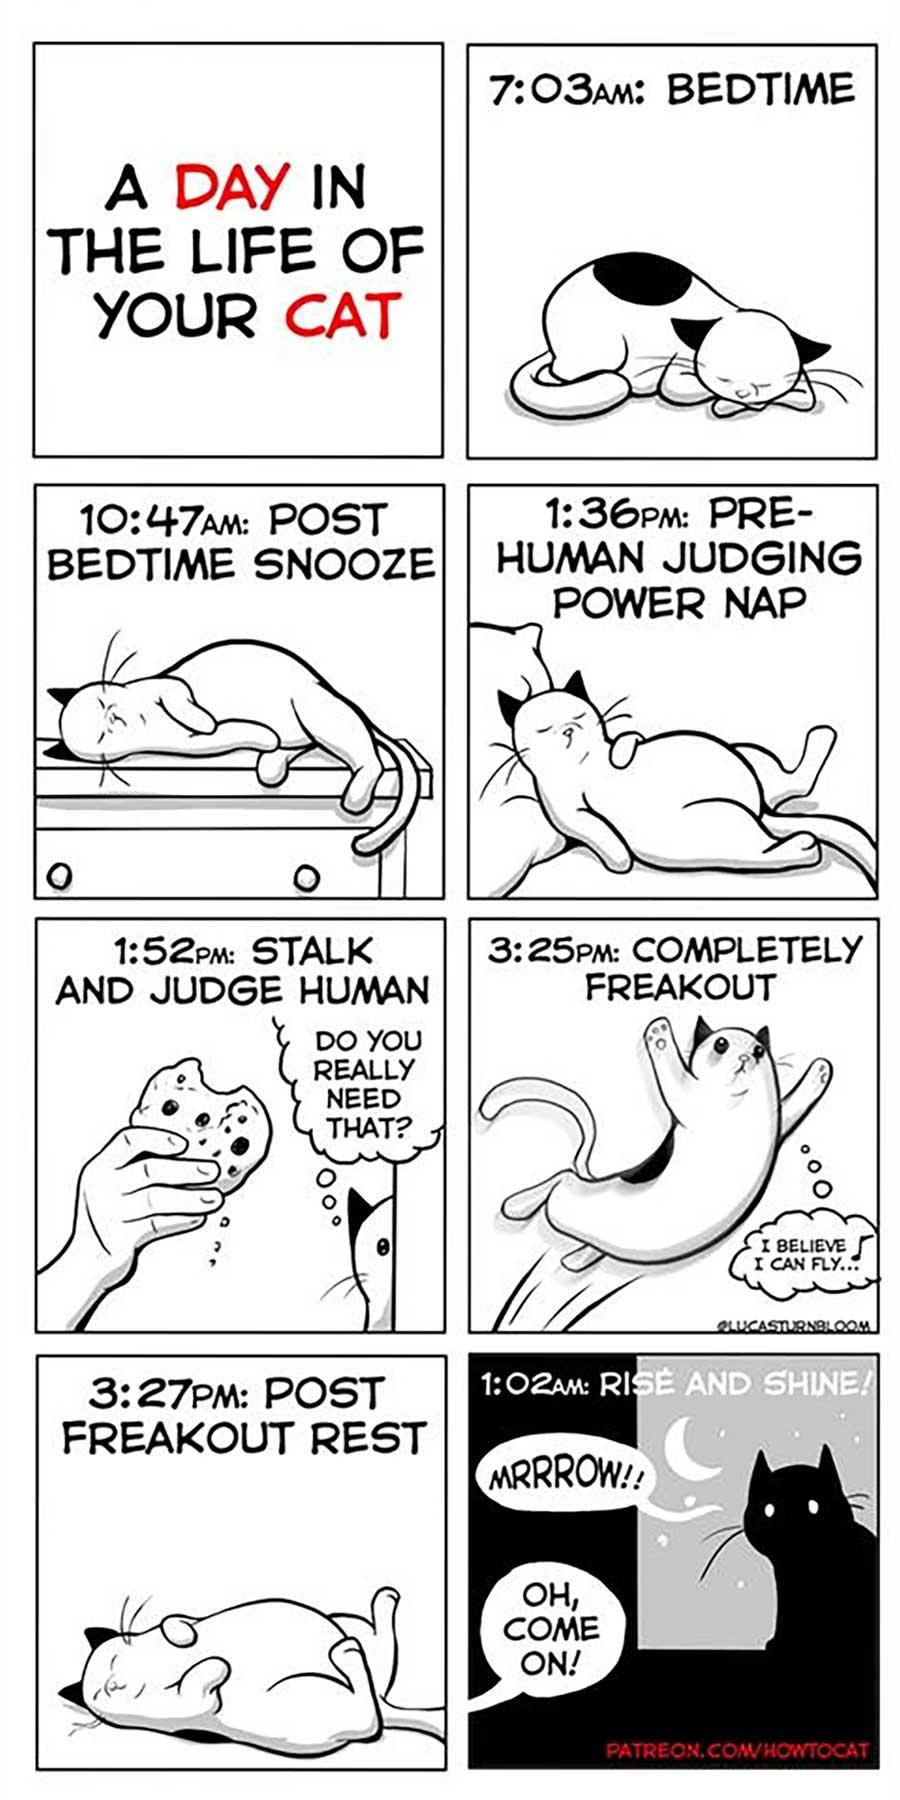 Das Leben mit einer Katze im Comic how-to-cat-Lucas-Turnbloom_05